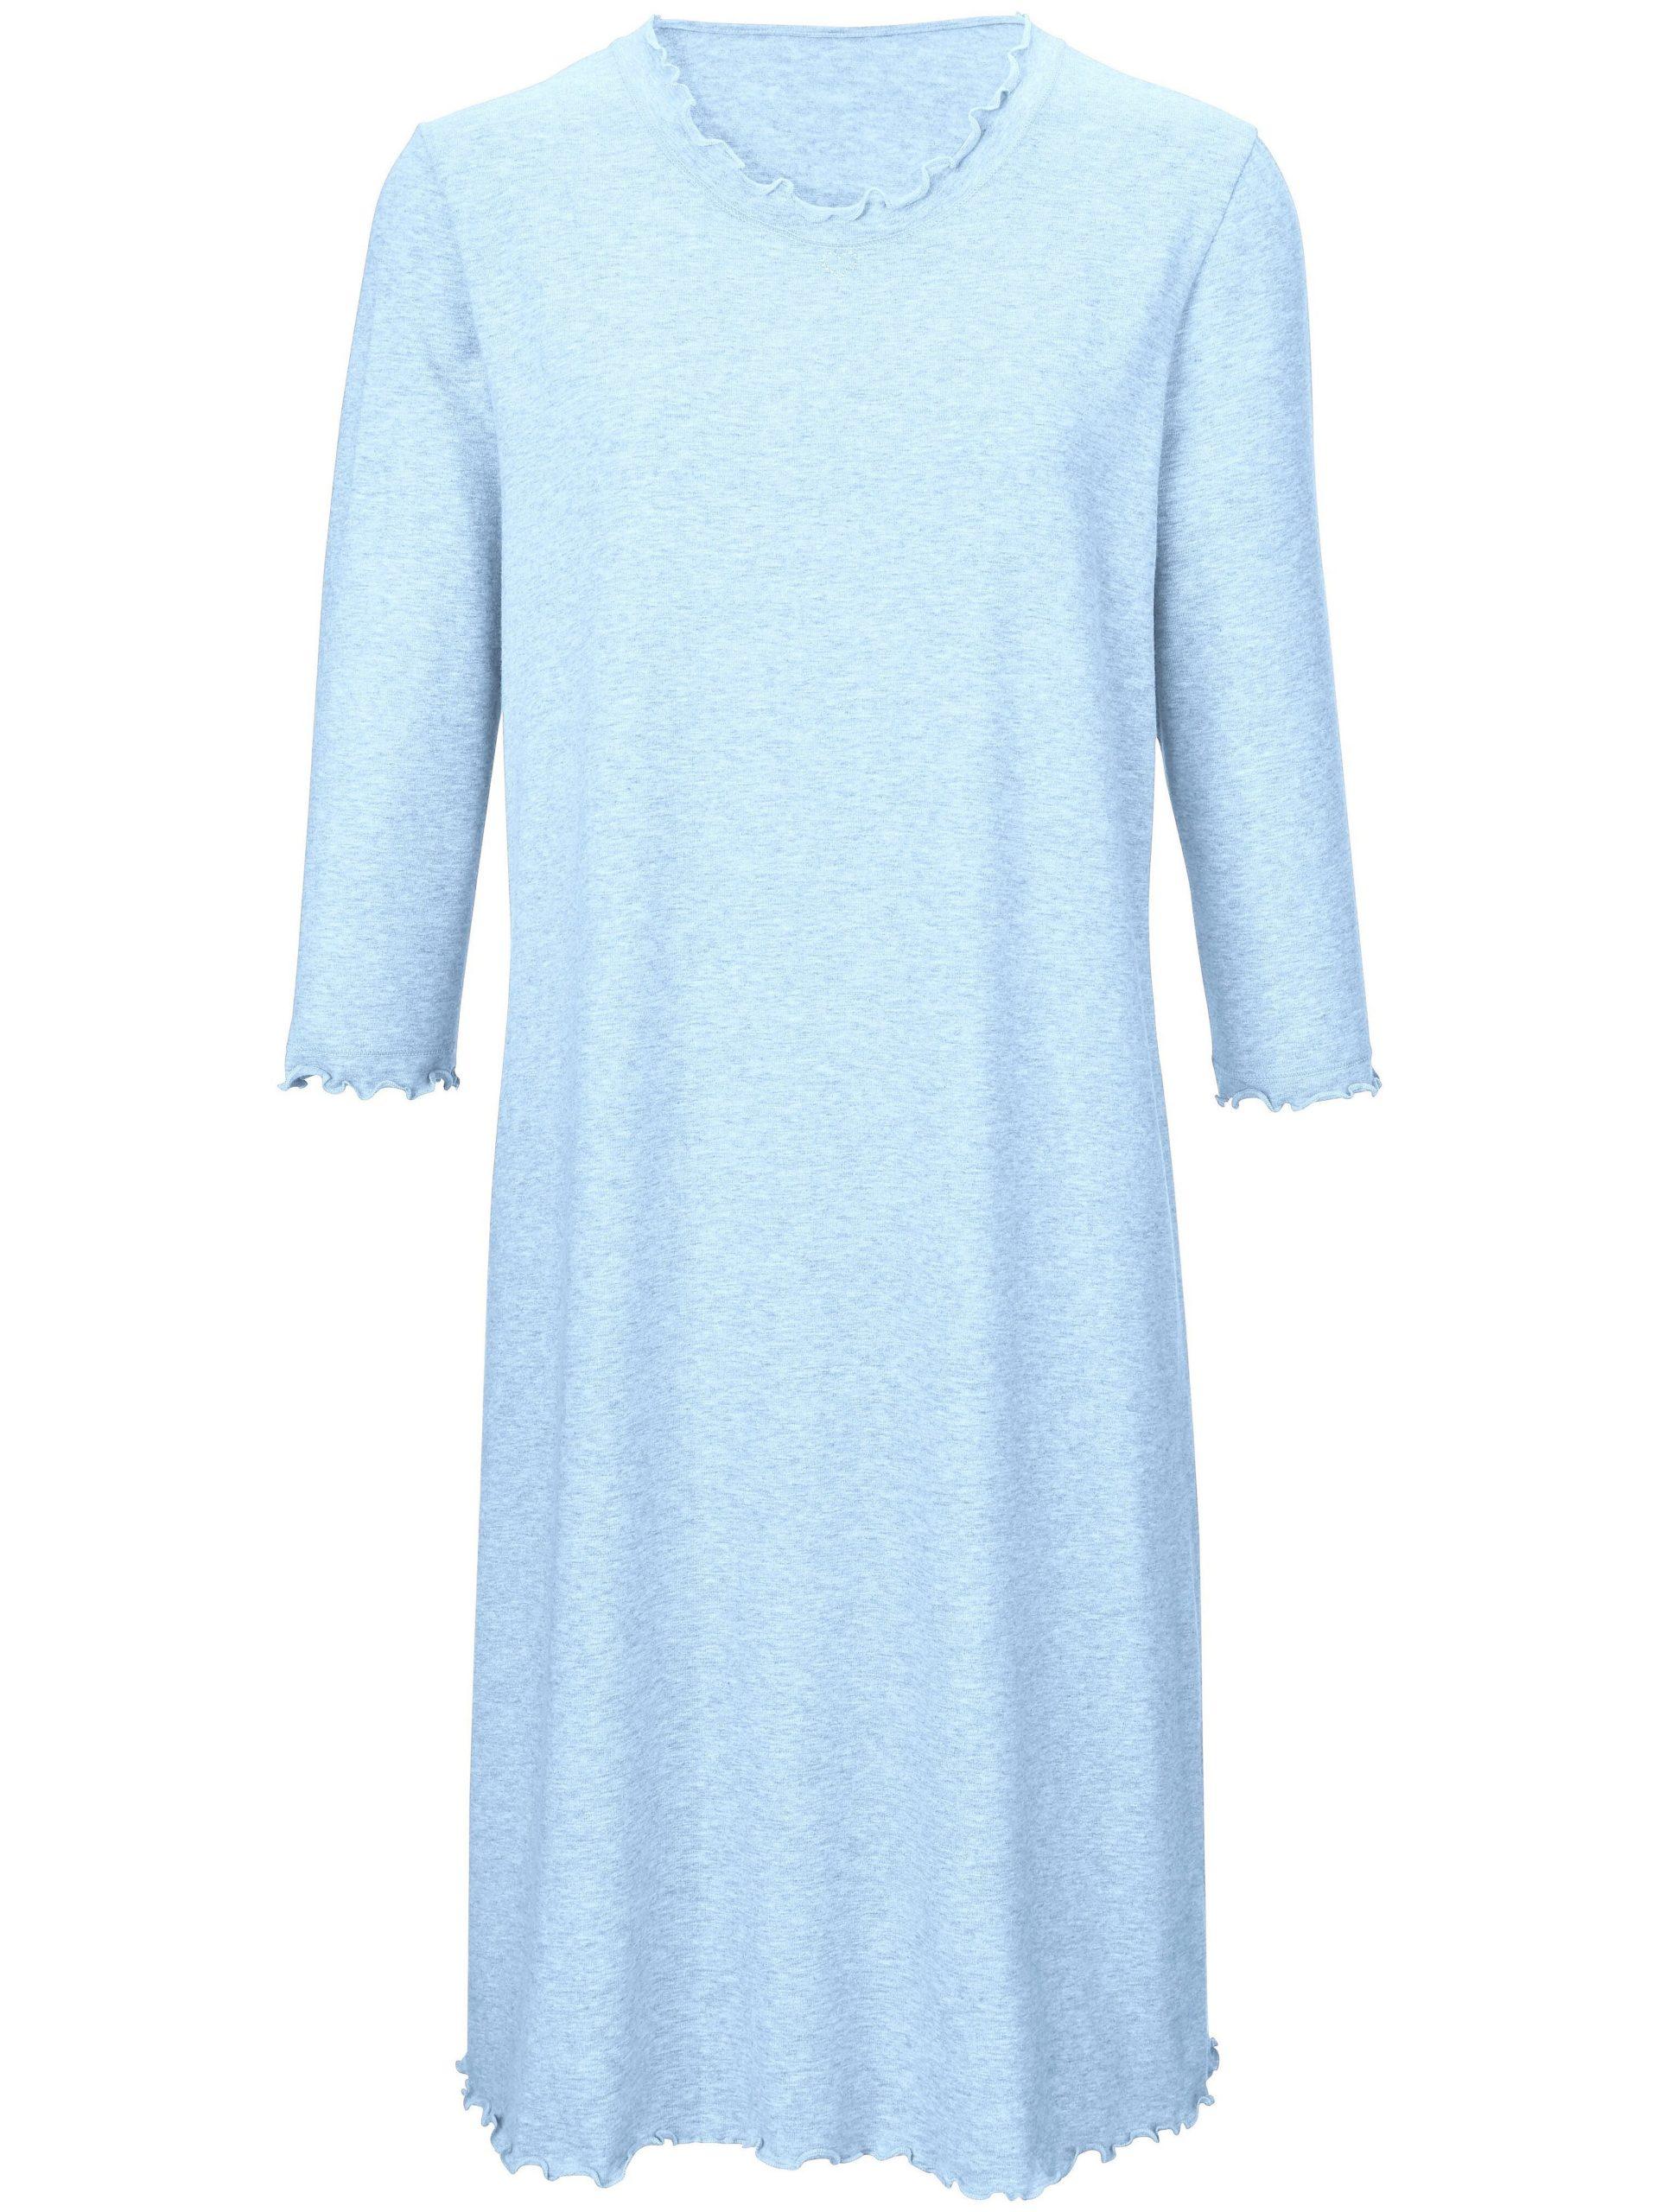 Nachthemd met 3/4 mouwen Van Peter Hahn blauw Kopen